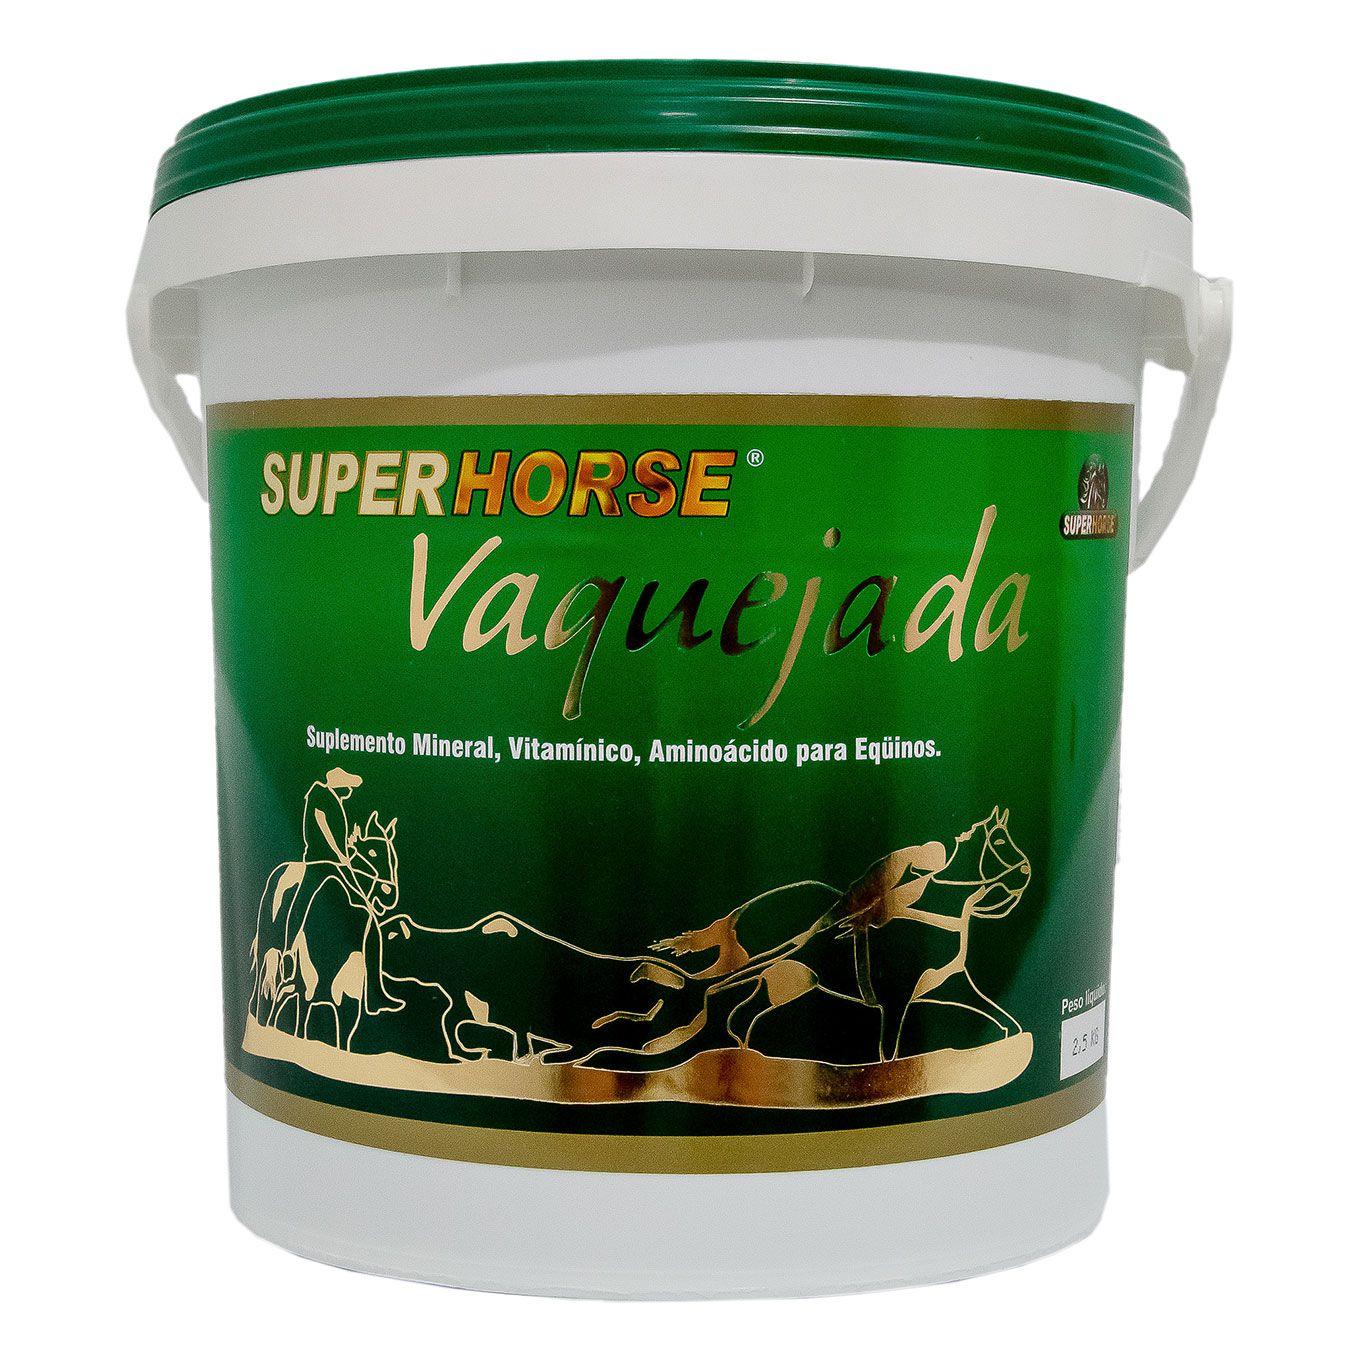 Super Horse Vaquejada, 1 kg rende em até 40 dias.